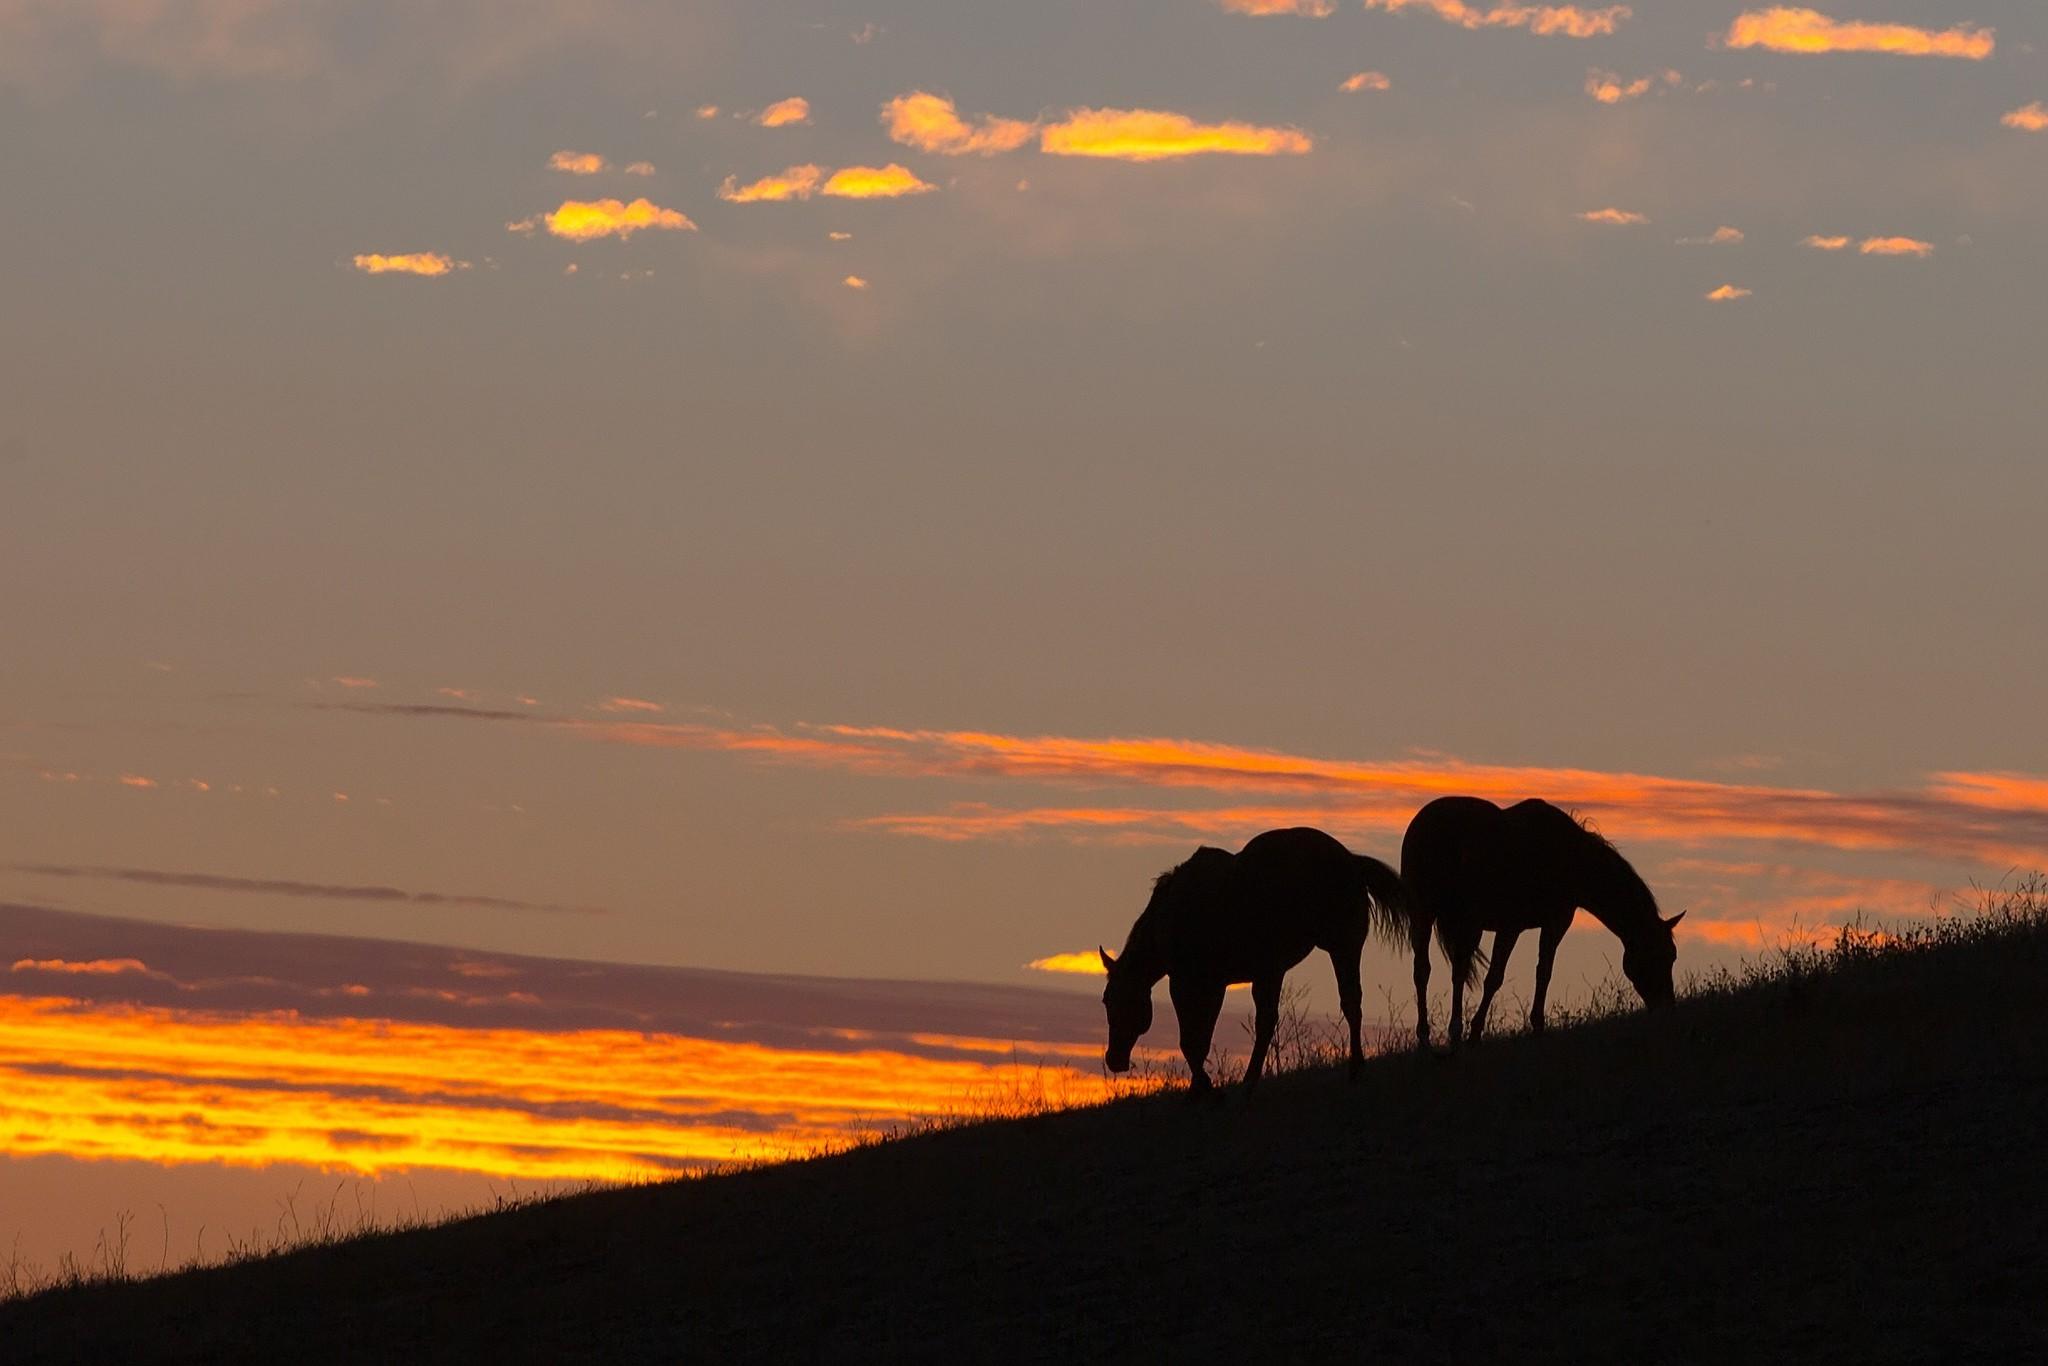 Fond d 39 cran paysage animaux le coucher du soleil cheval silhouette lever du soleil soir - Palpitations le soir au coucher ...